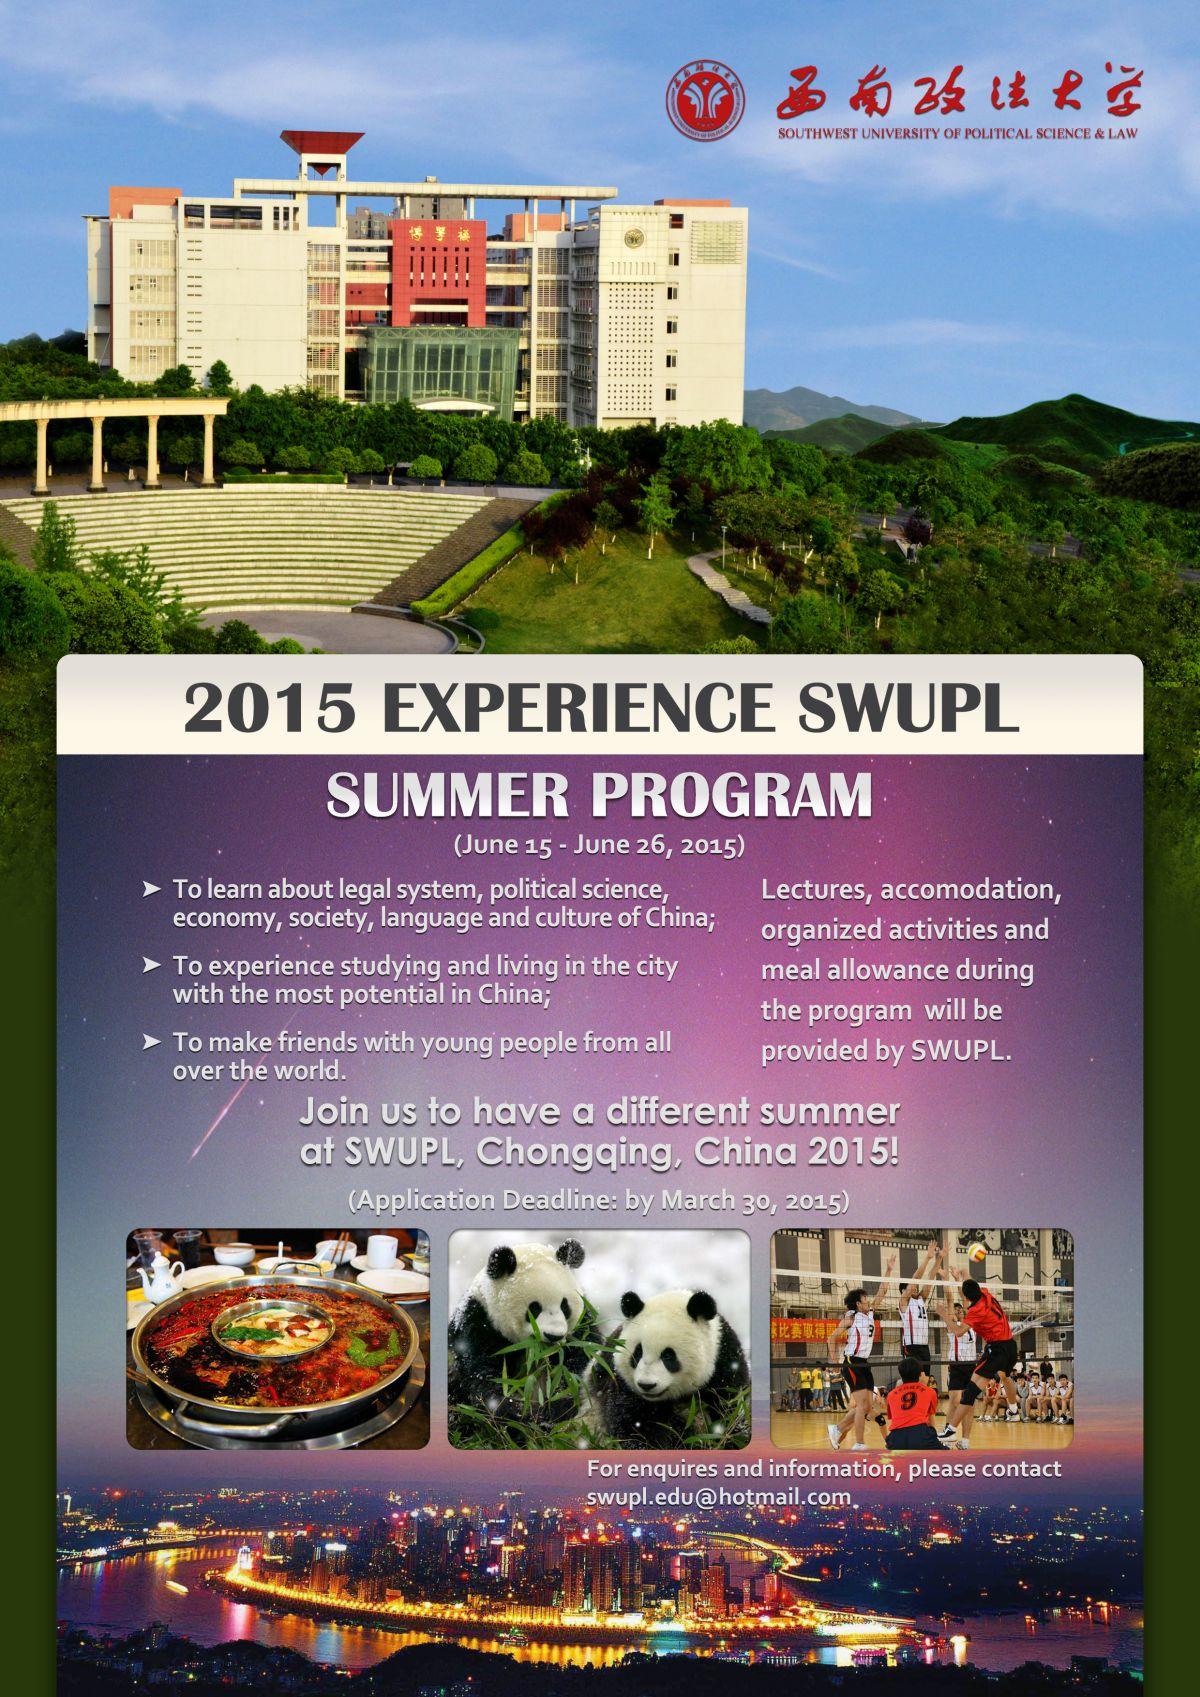 Summer Program affiche - Chongqing